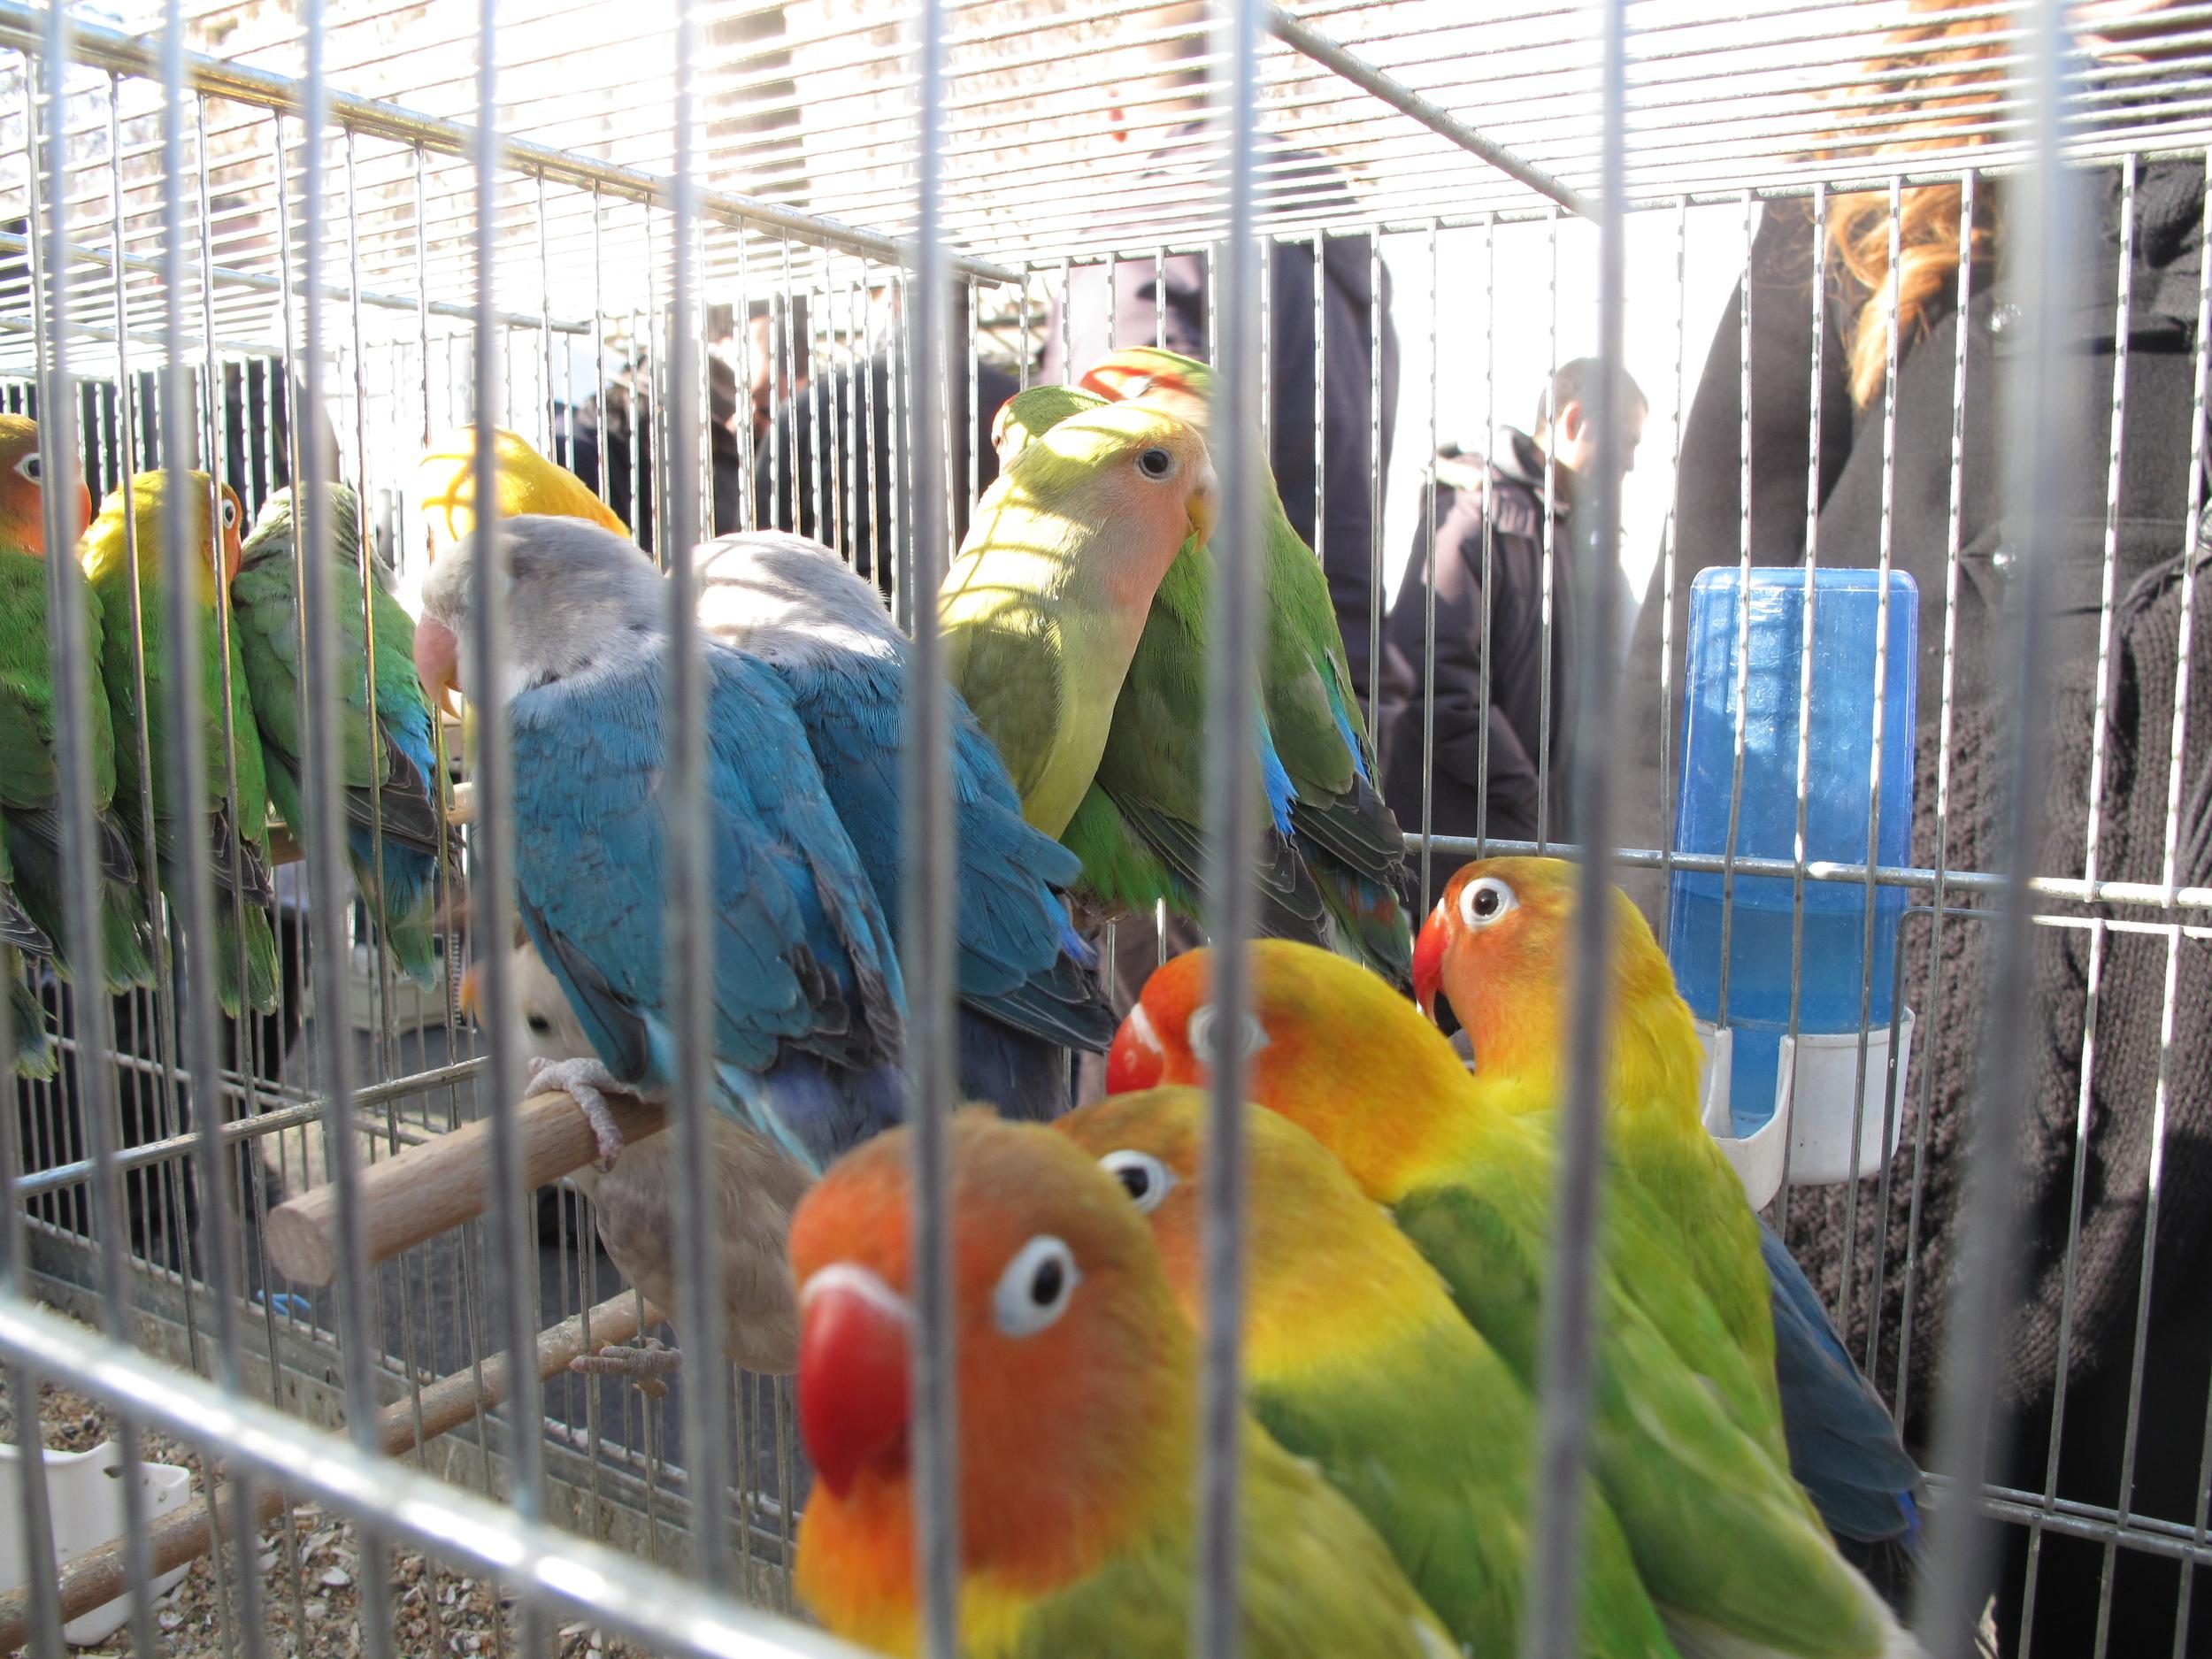 Birds in a market on the Île de la Cité